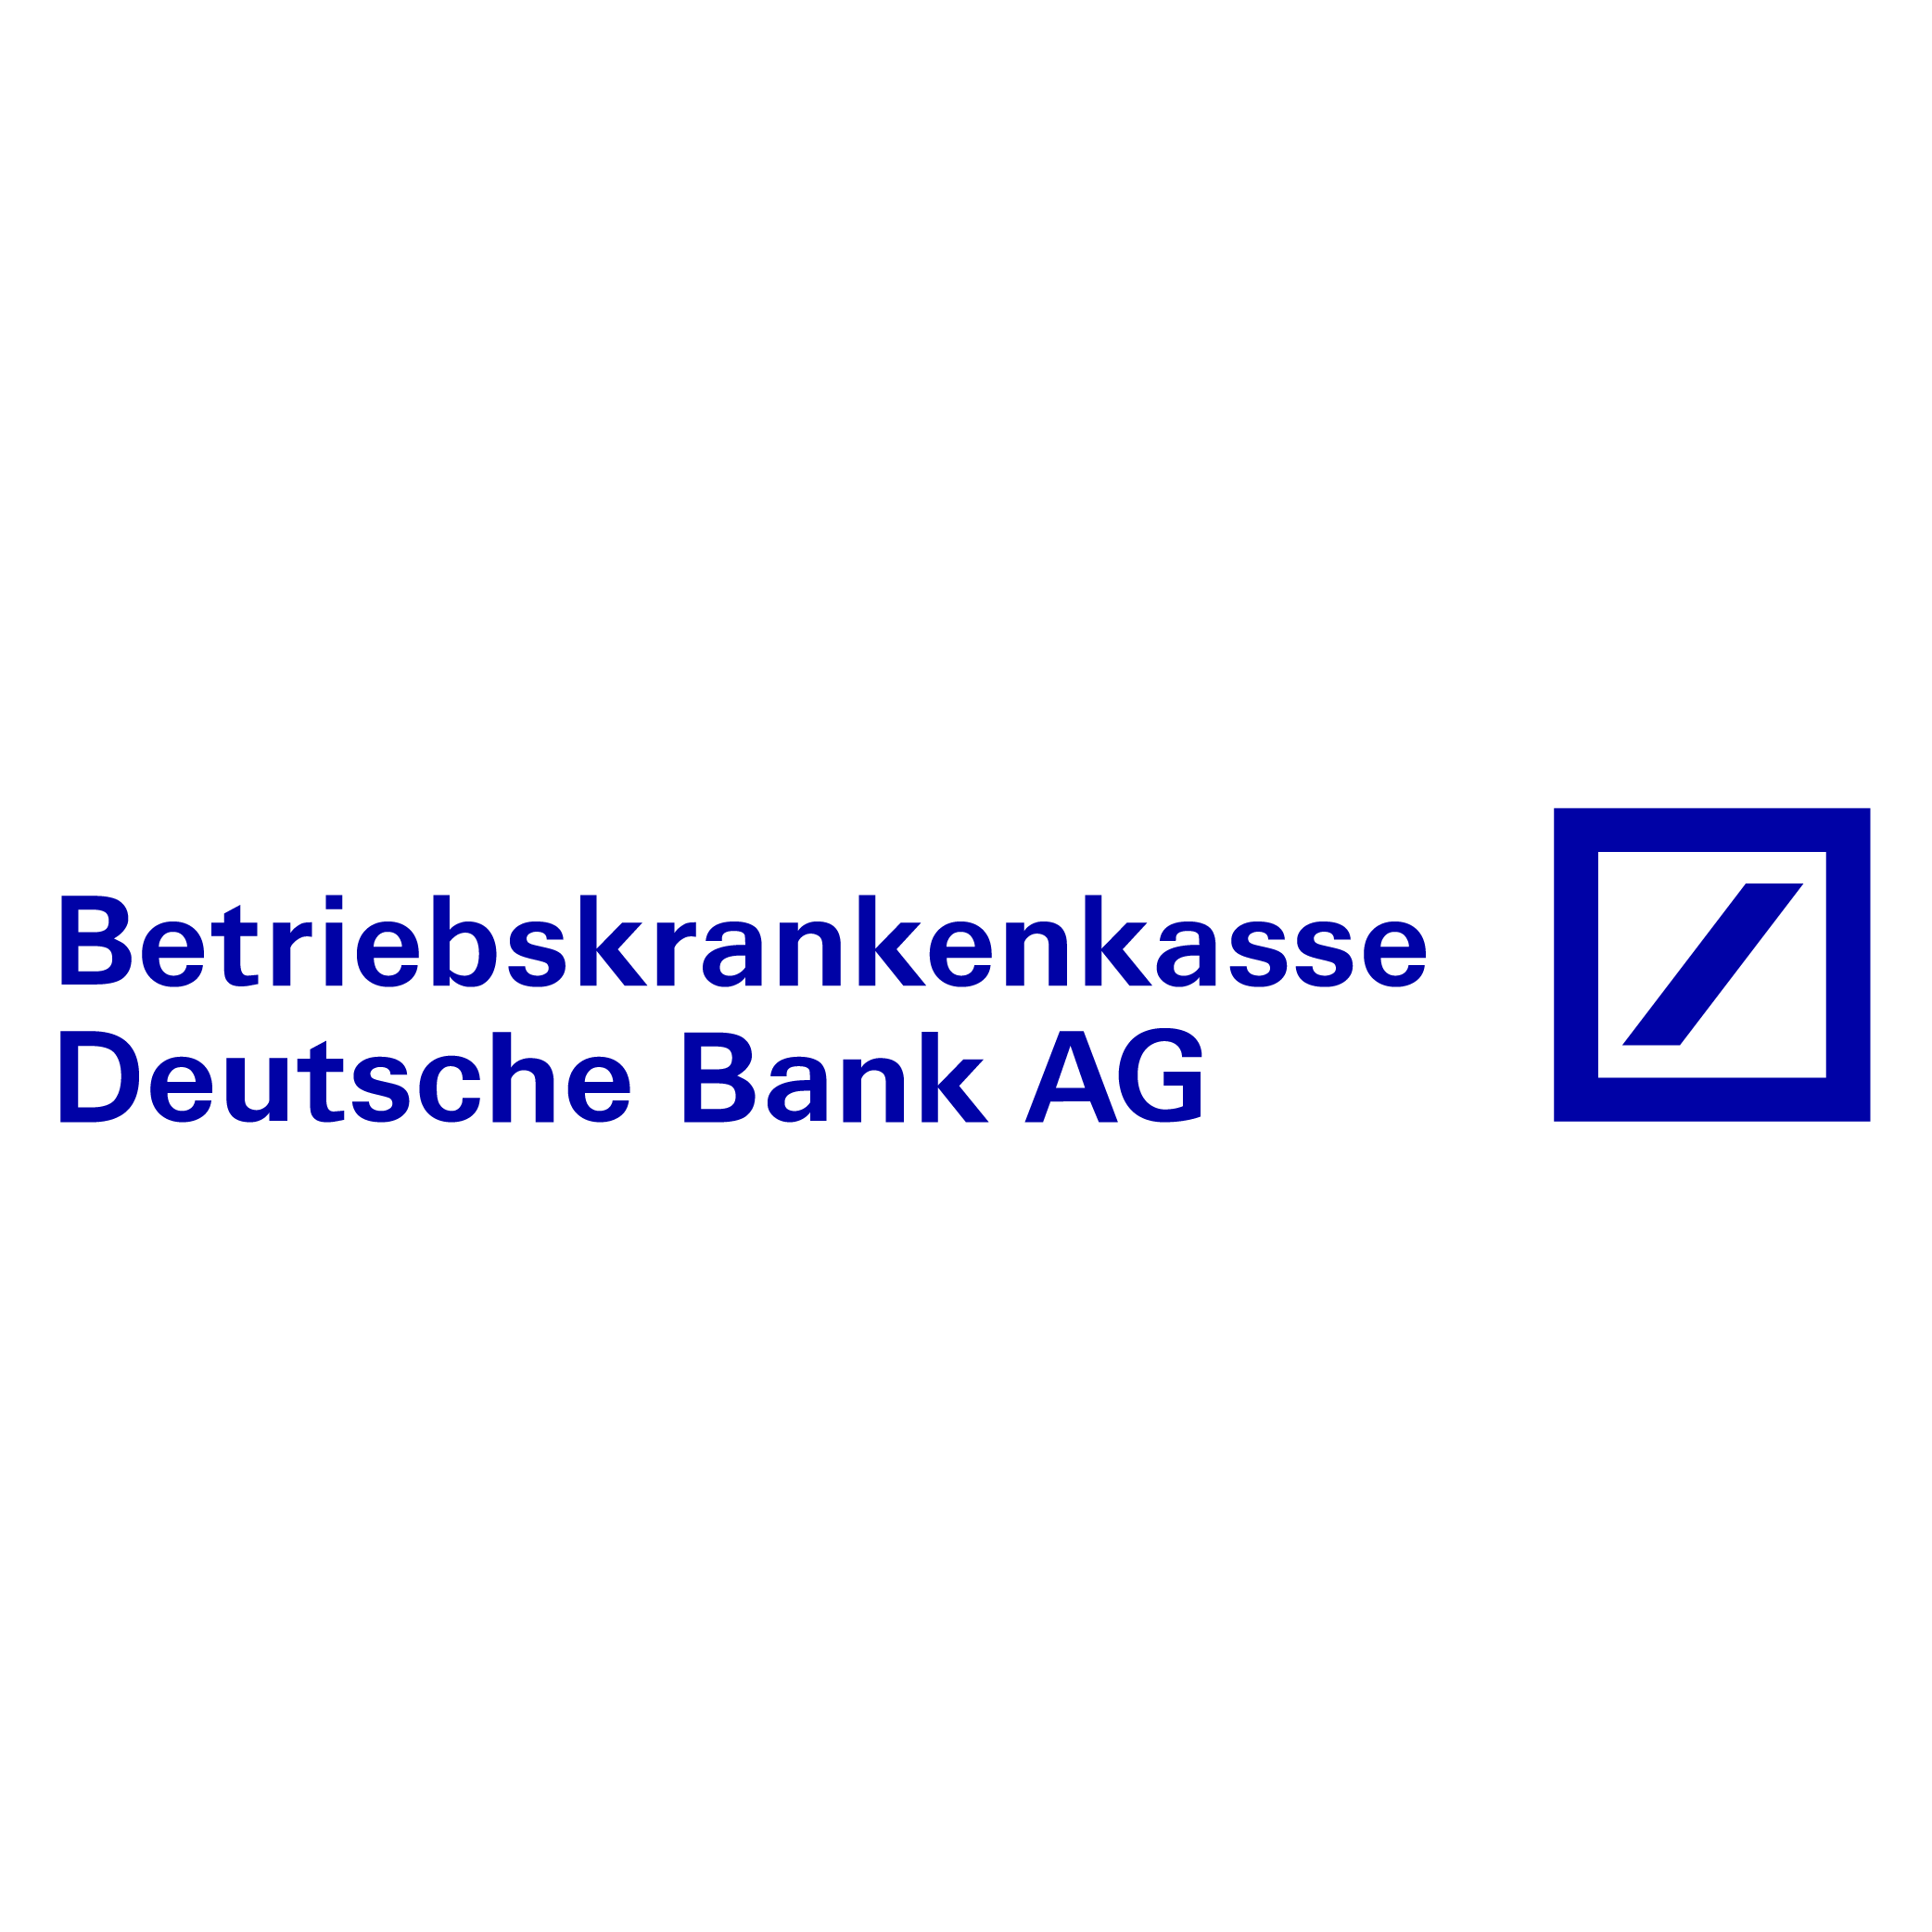 Markenzeichen der BKK Deutsche Bank AG